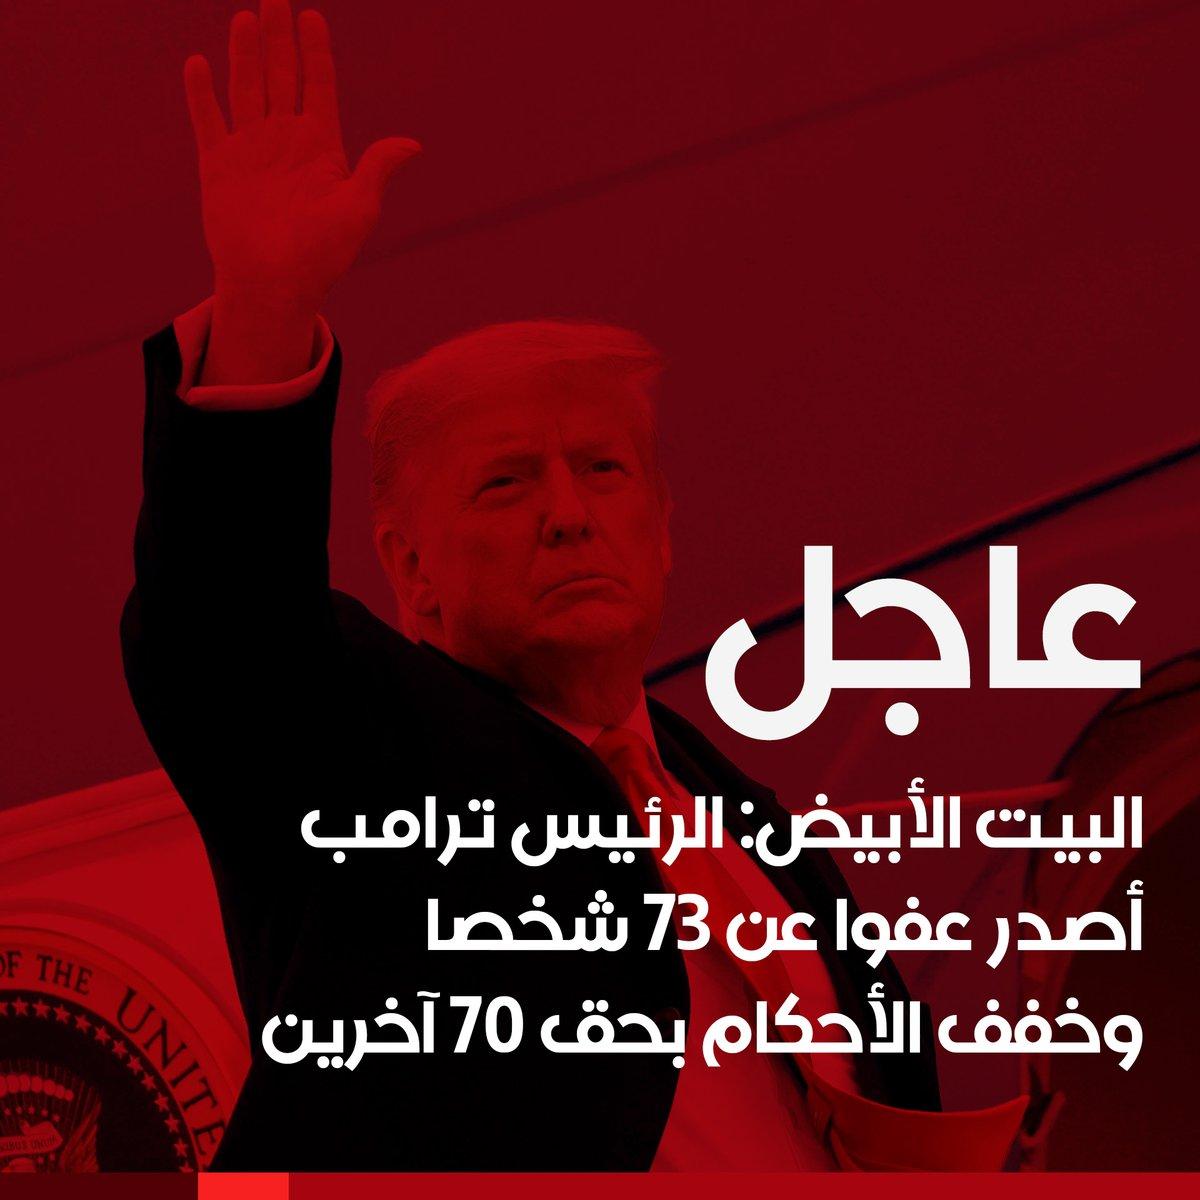 #عاجل البيت الأبيض: الرئيس ترامب أصدر عفوا عن 73 شخصا وخفف الأحكام بحق 70 آخرين